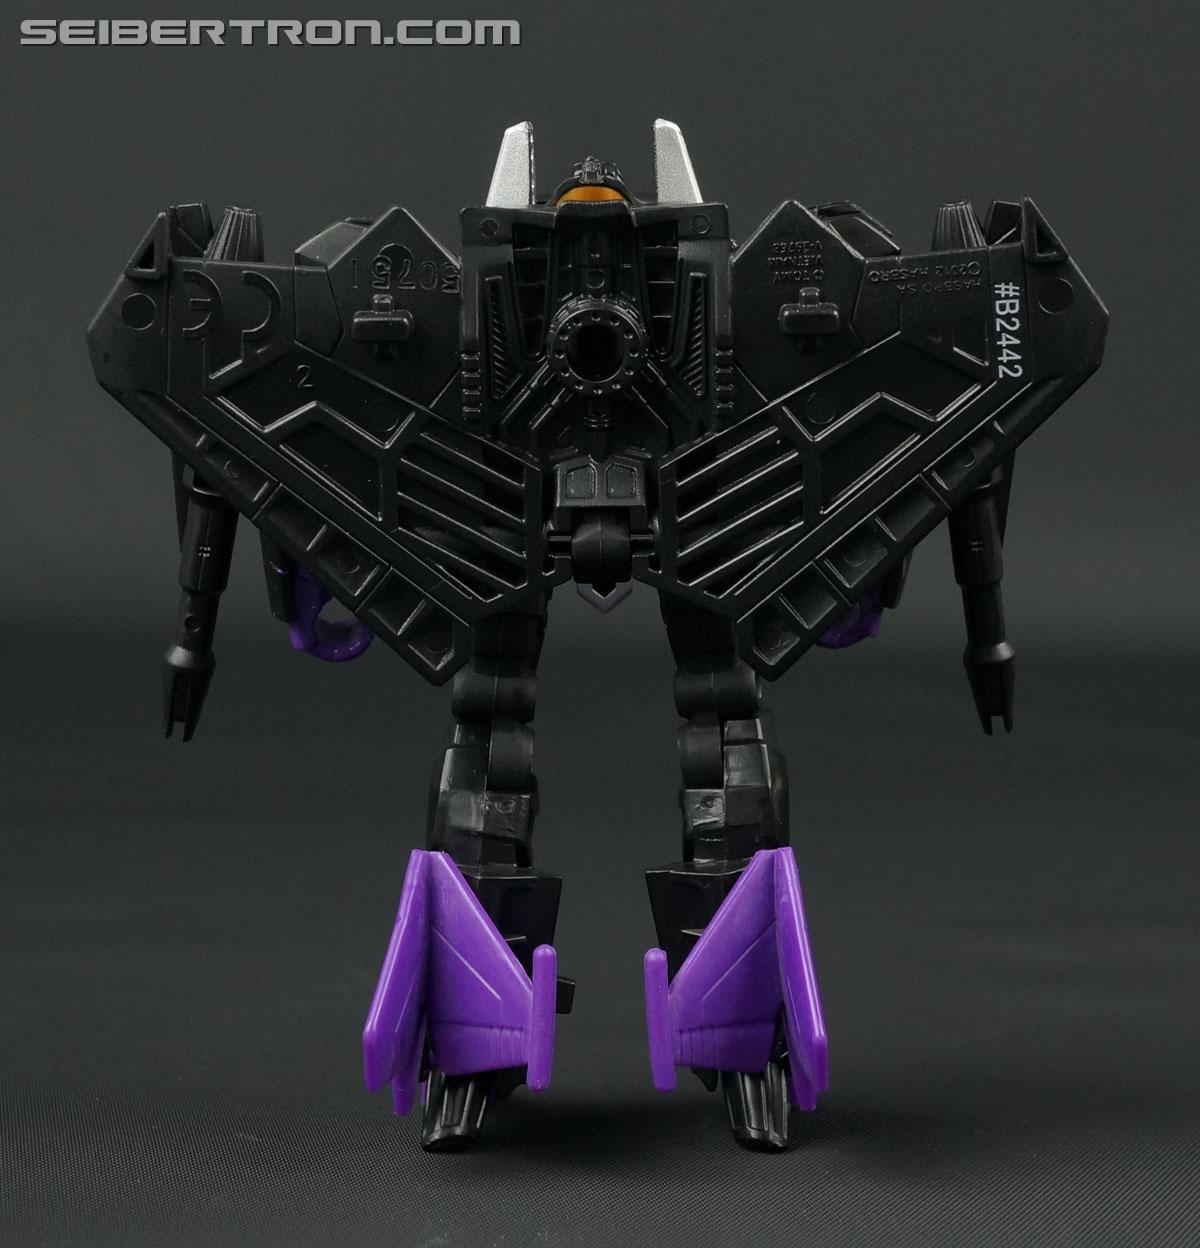 Transformers Generations Combiner Wars Skywarp (Image #54 of 105)